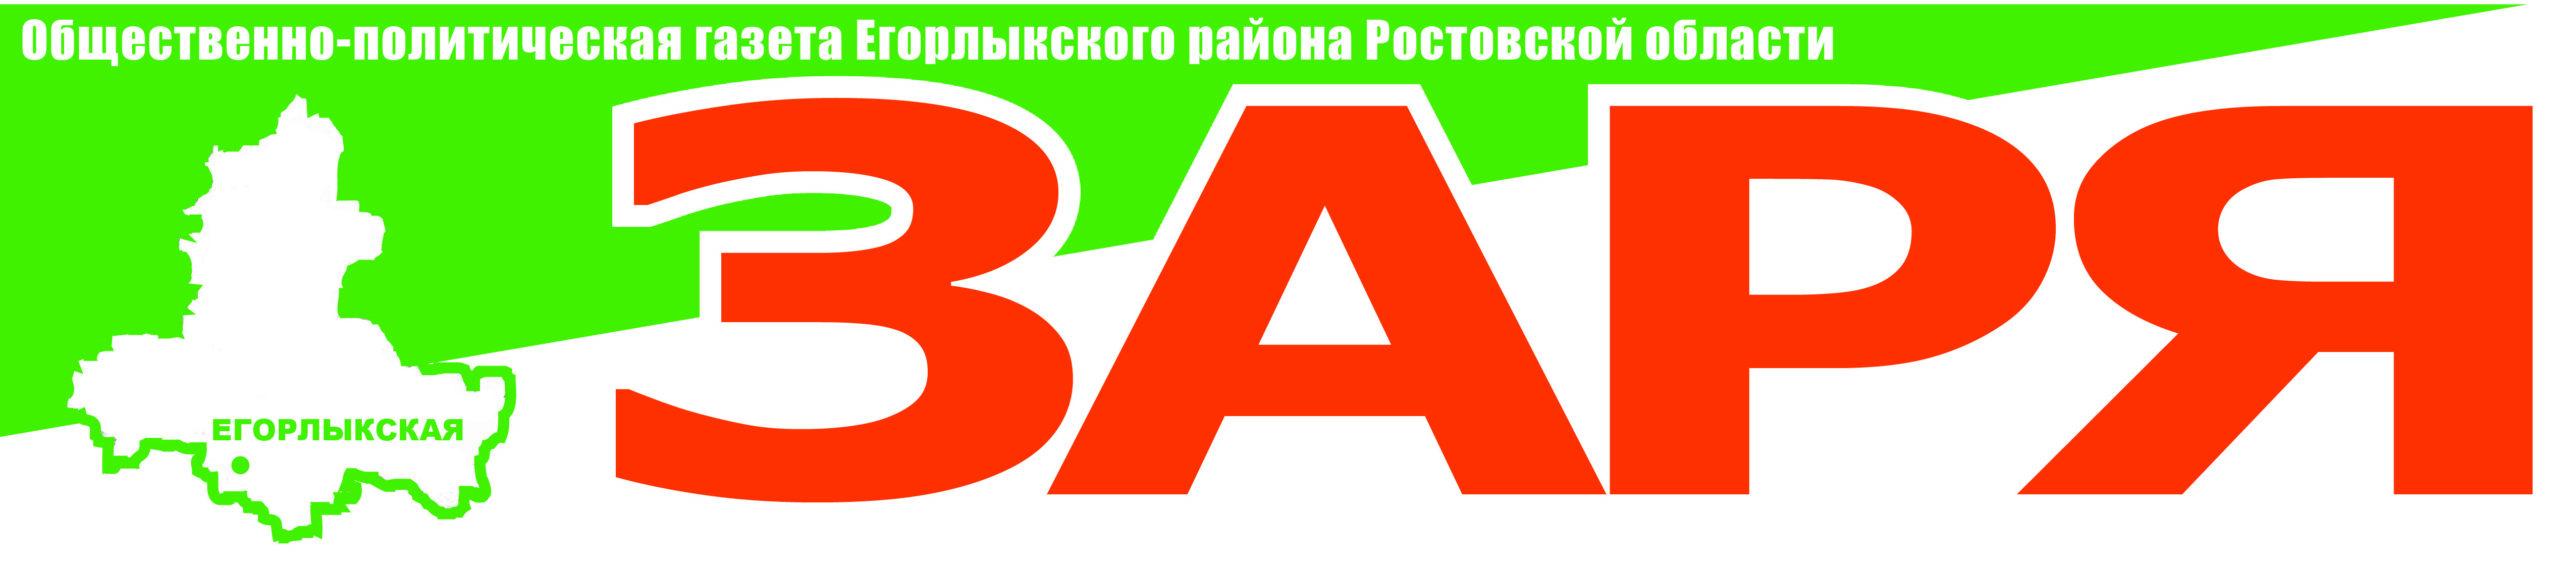 Когда выйдет следующий номер районной газеты «Заря»?